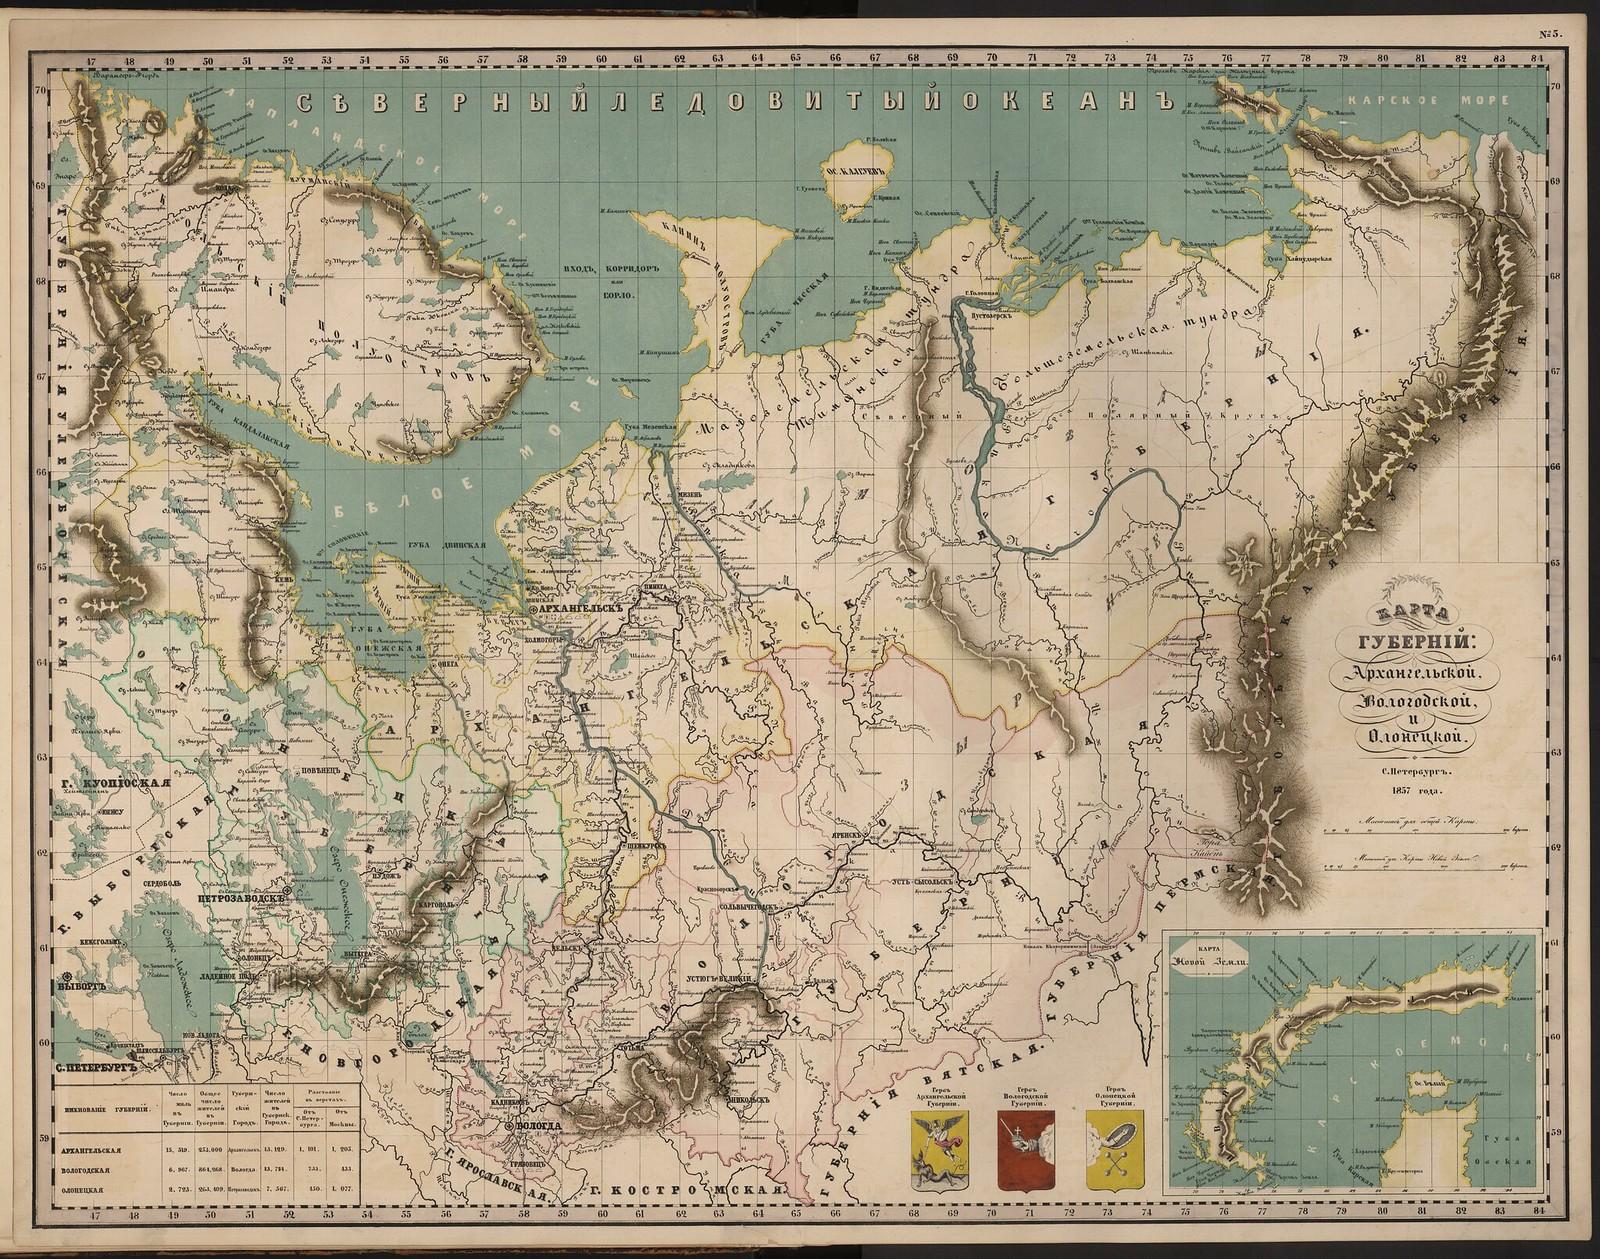 05. Карта губерний Архангельской, Вологодской и Олонецкой.